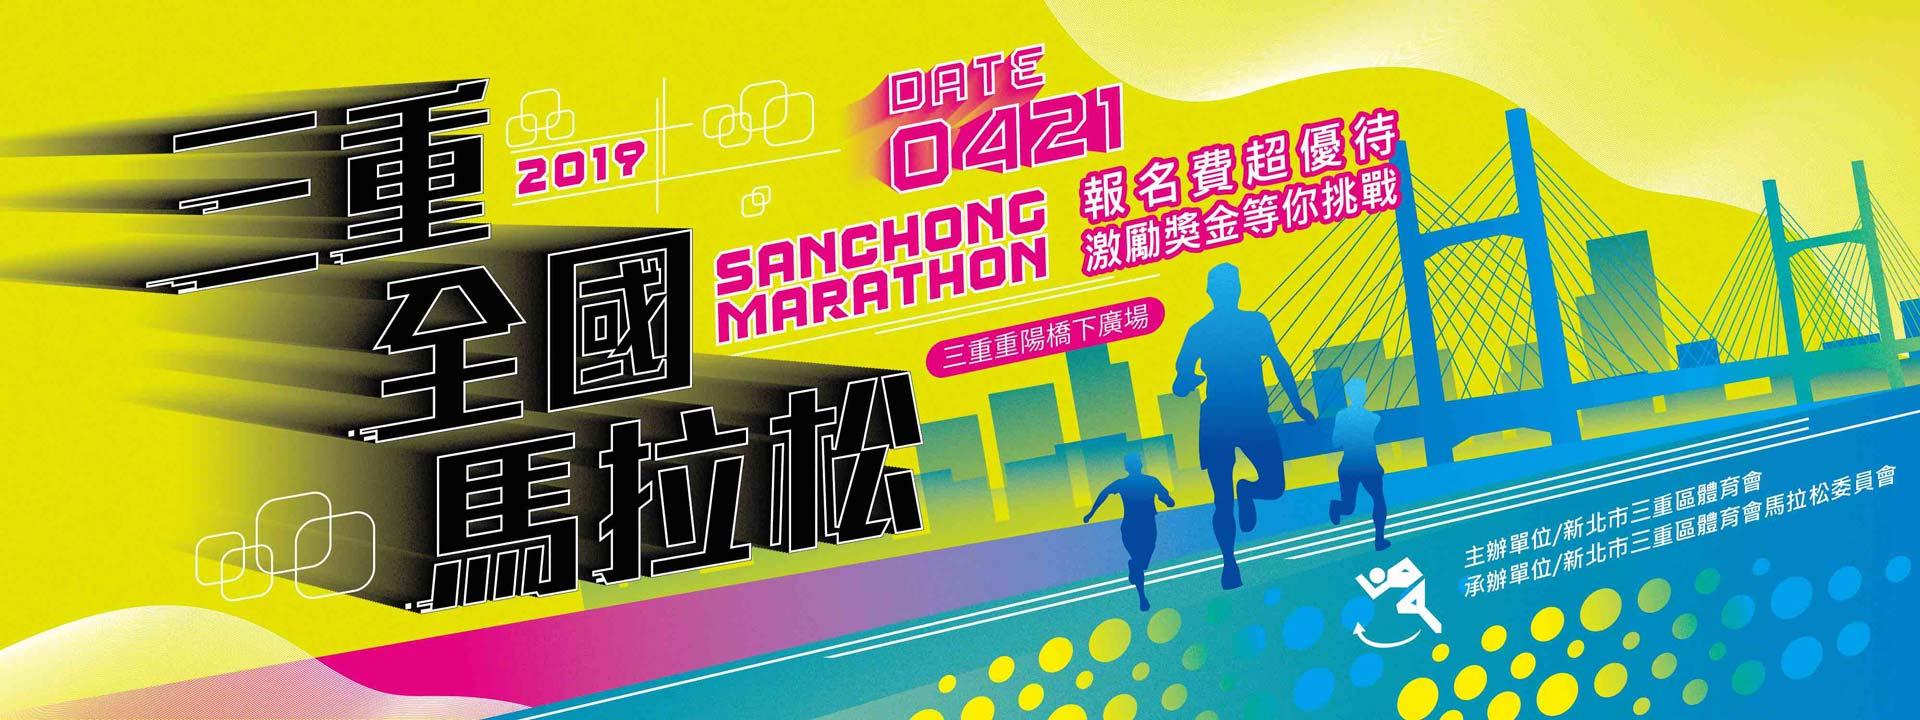 2019 三重全國馬拉松賽